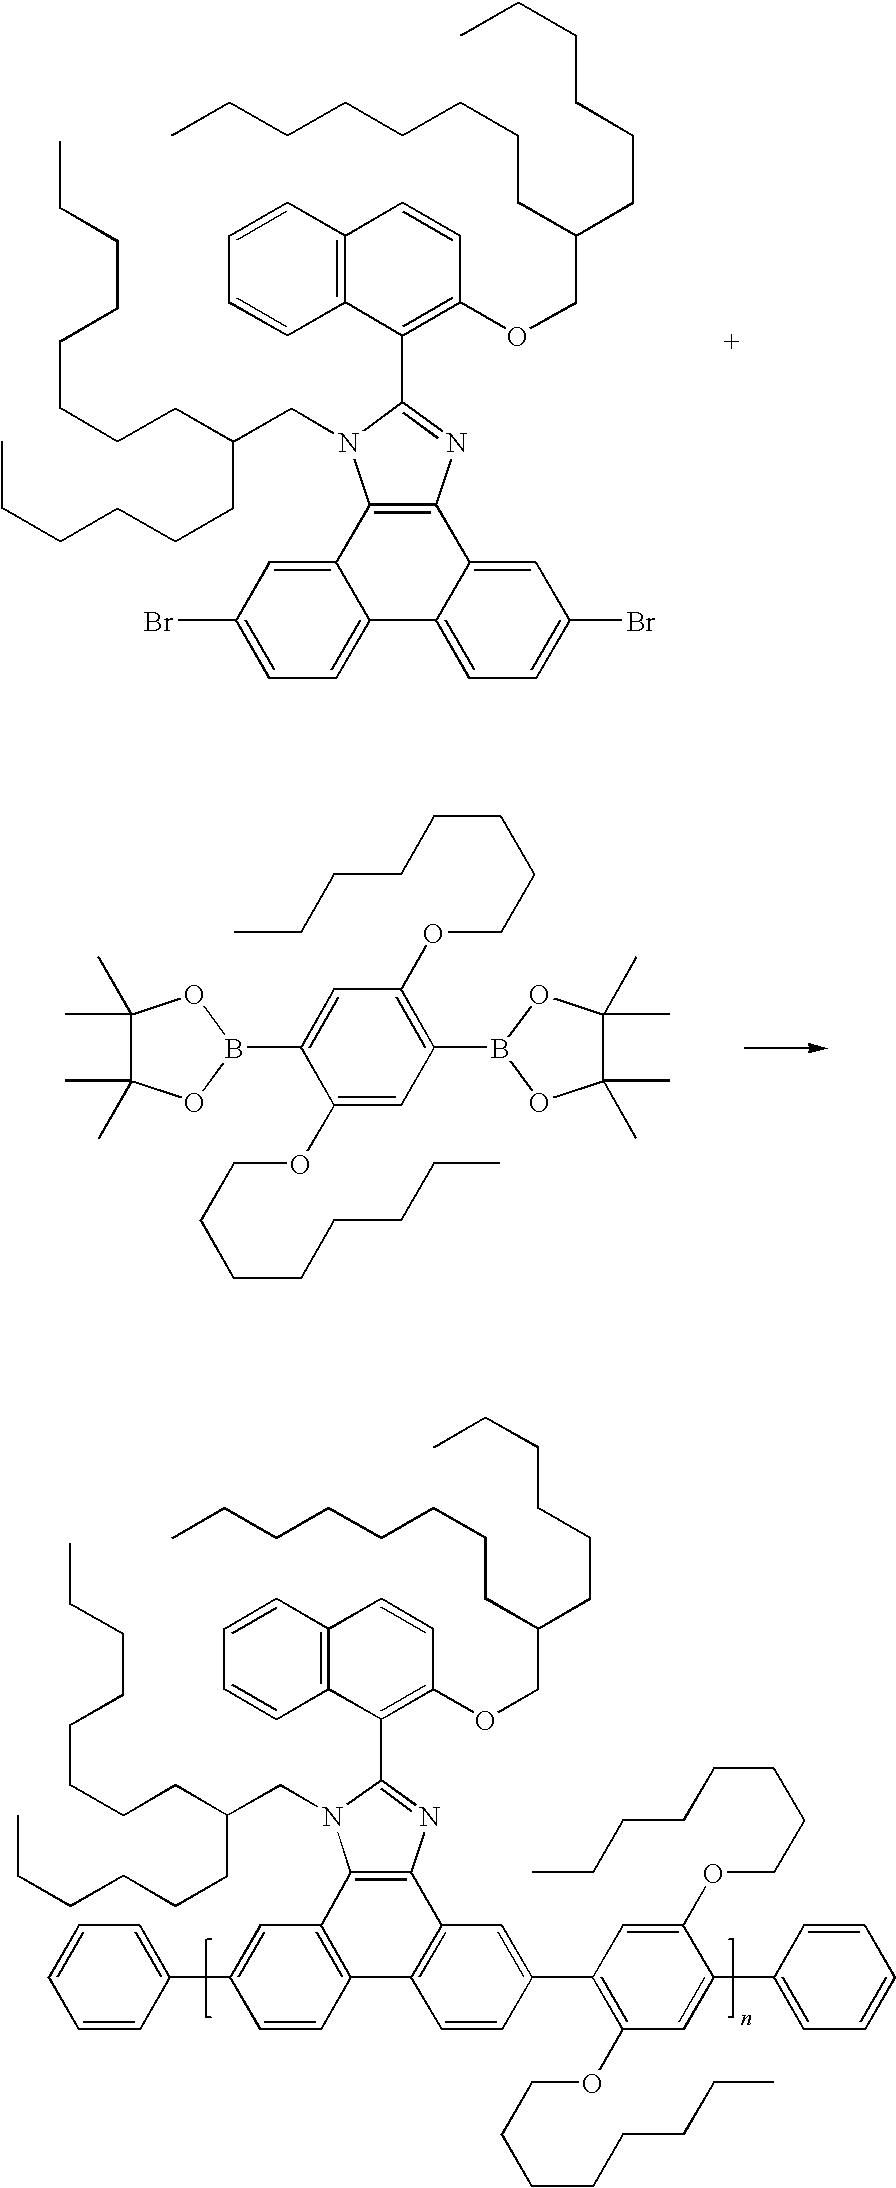 Figure US20090105447A1-20090423-C00230